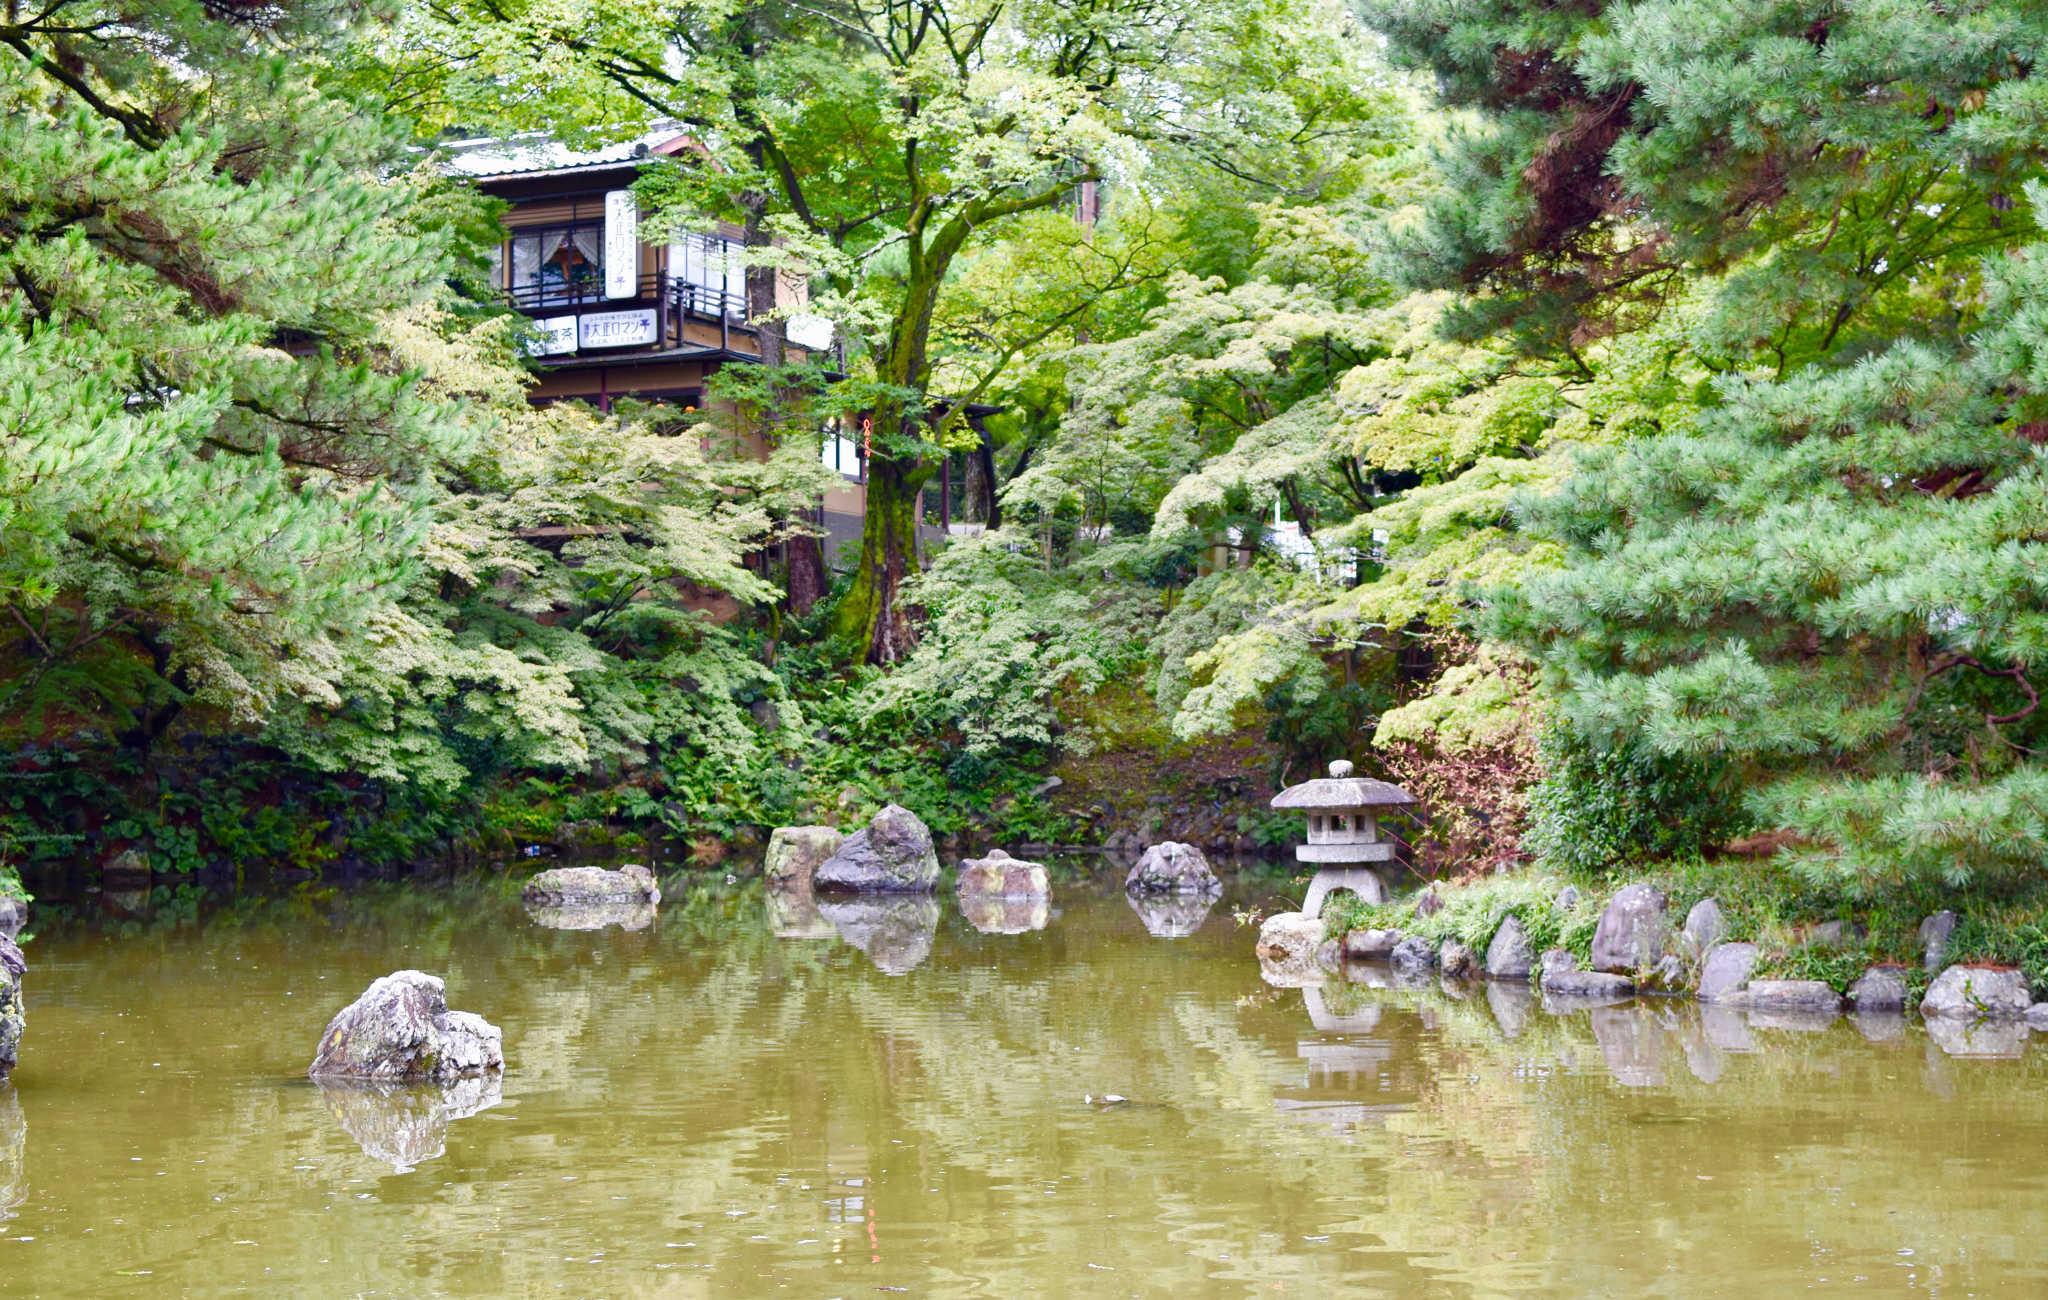 Au milieu du parc, un grand lac et quelques maisons autour